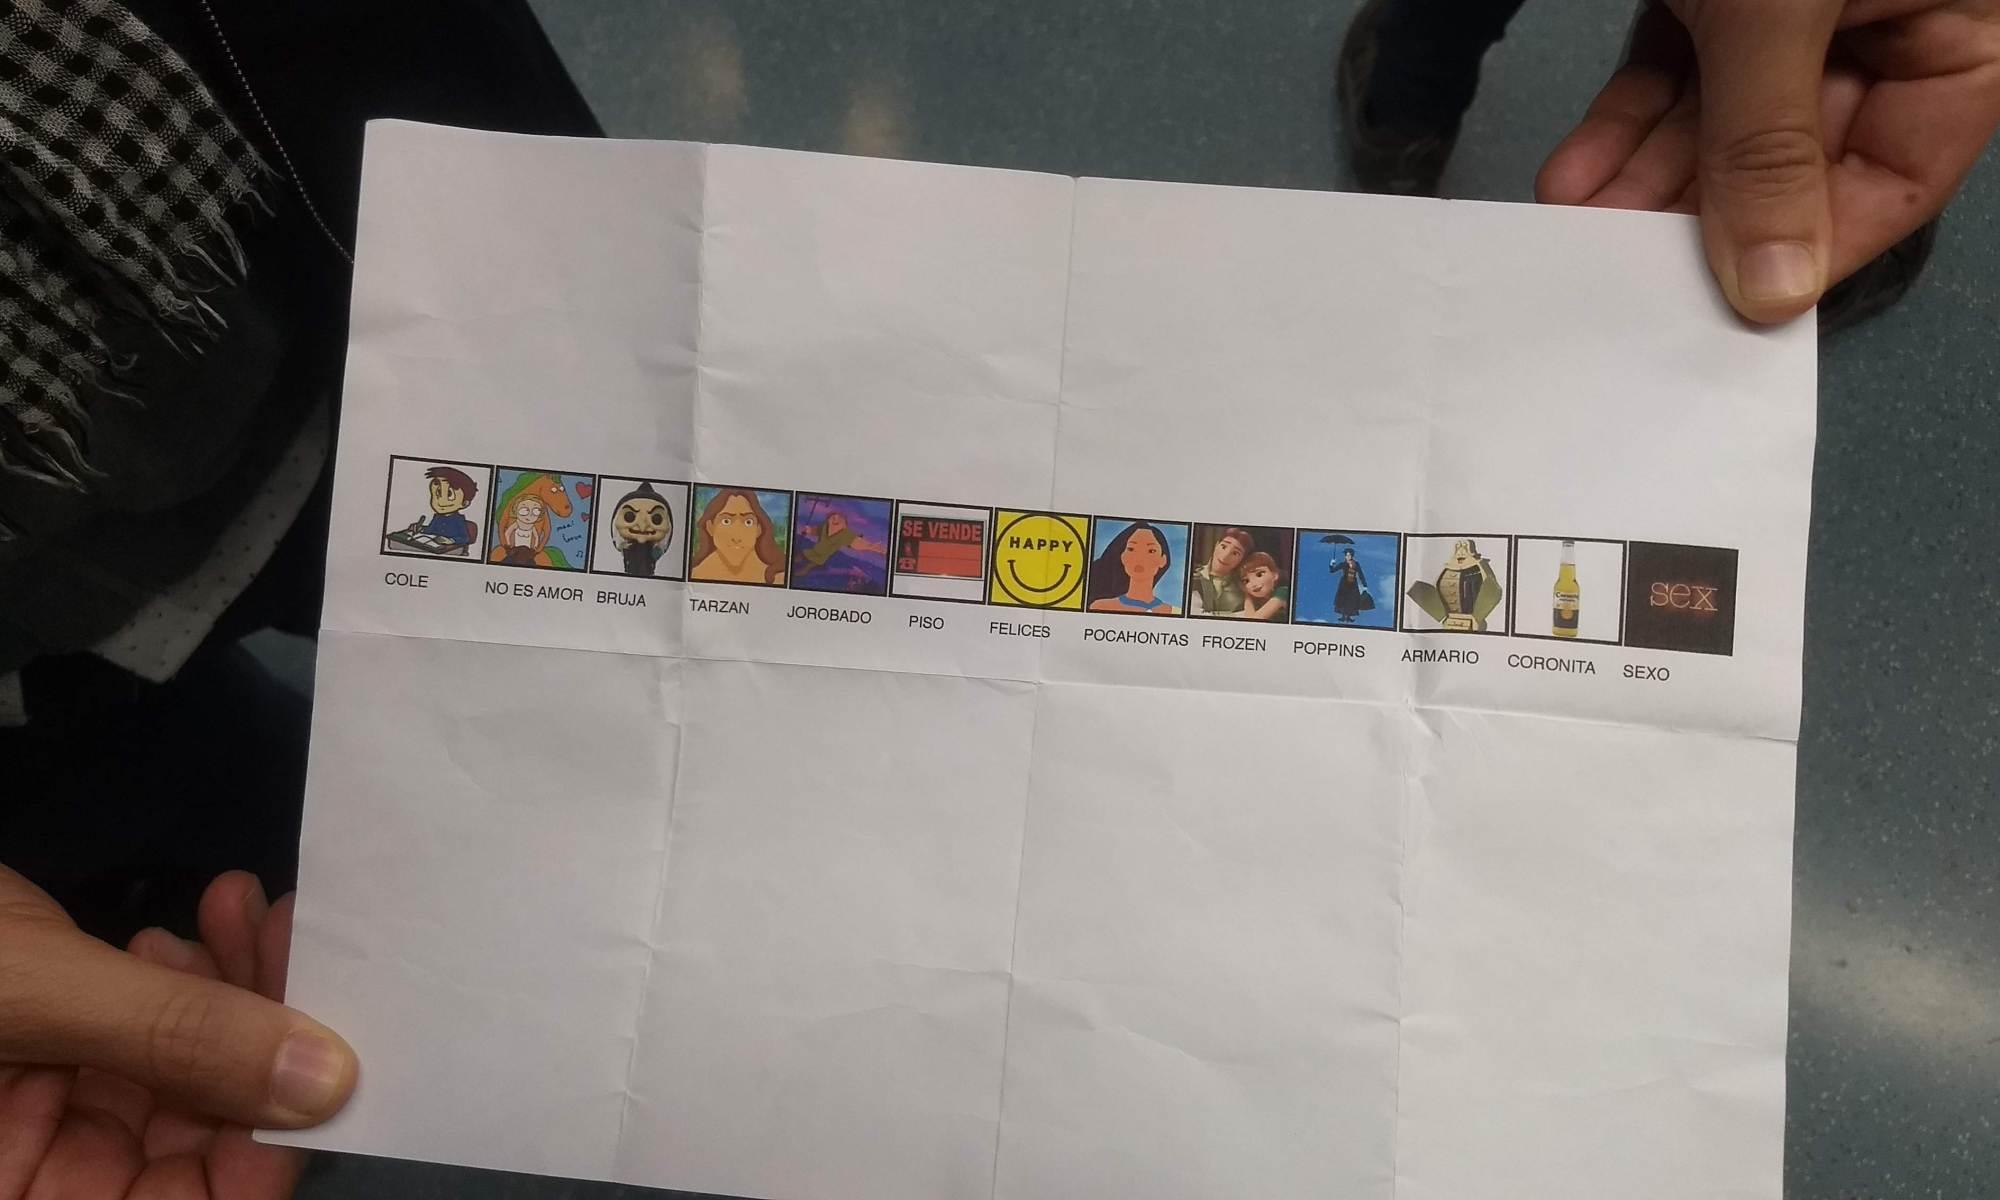 Lista visual del cuarto mónologo de Roger Prat